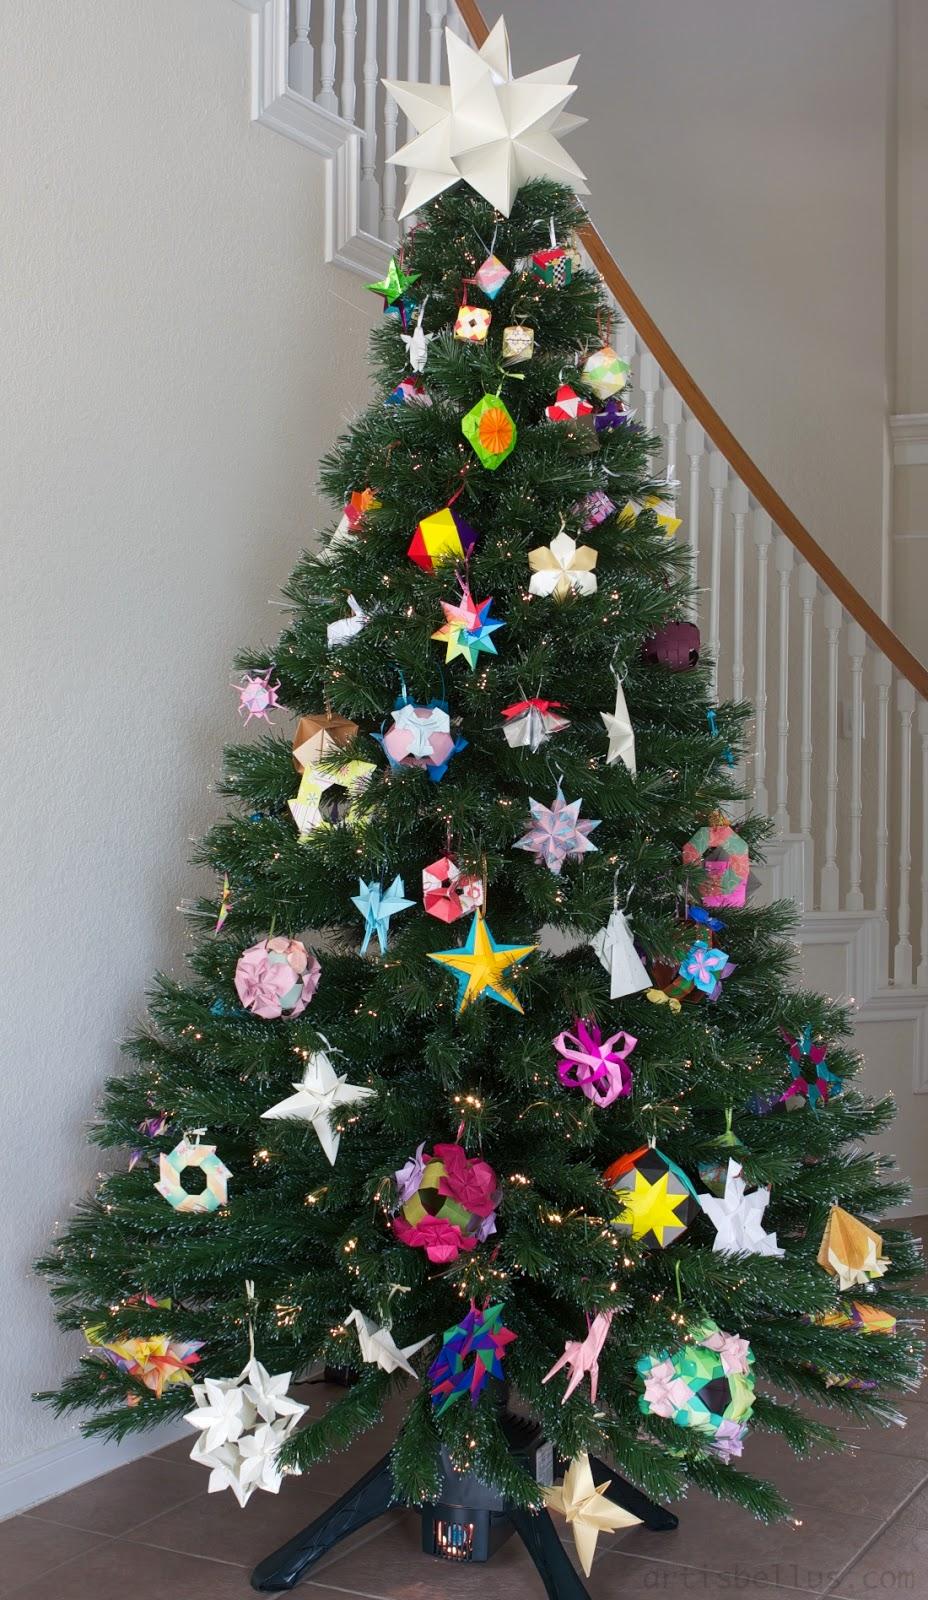 Origami - Artis Bellus: December 2010